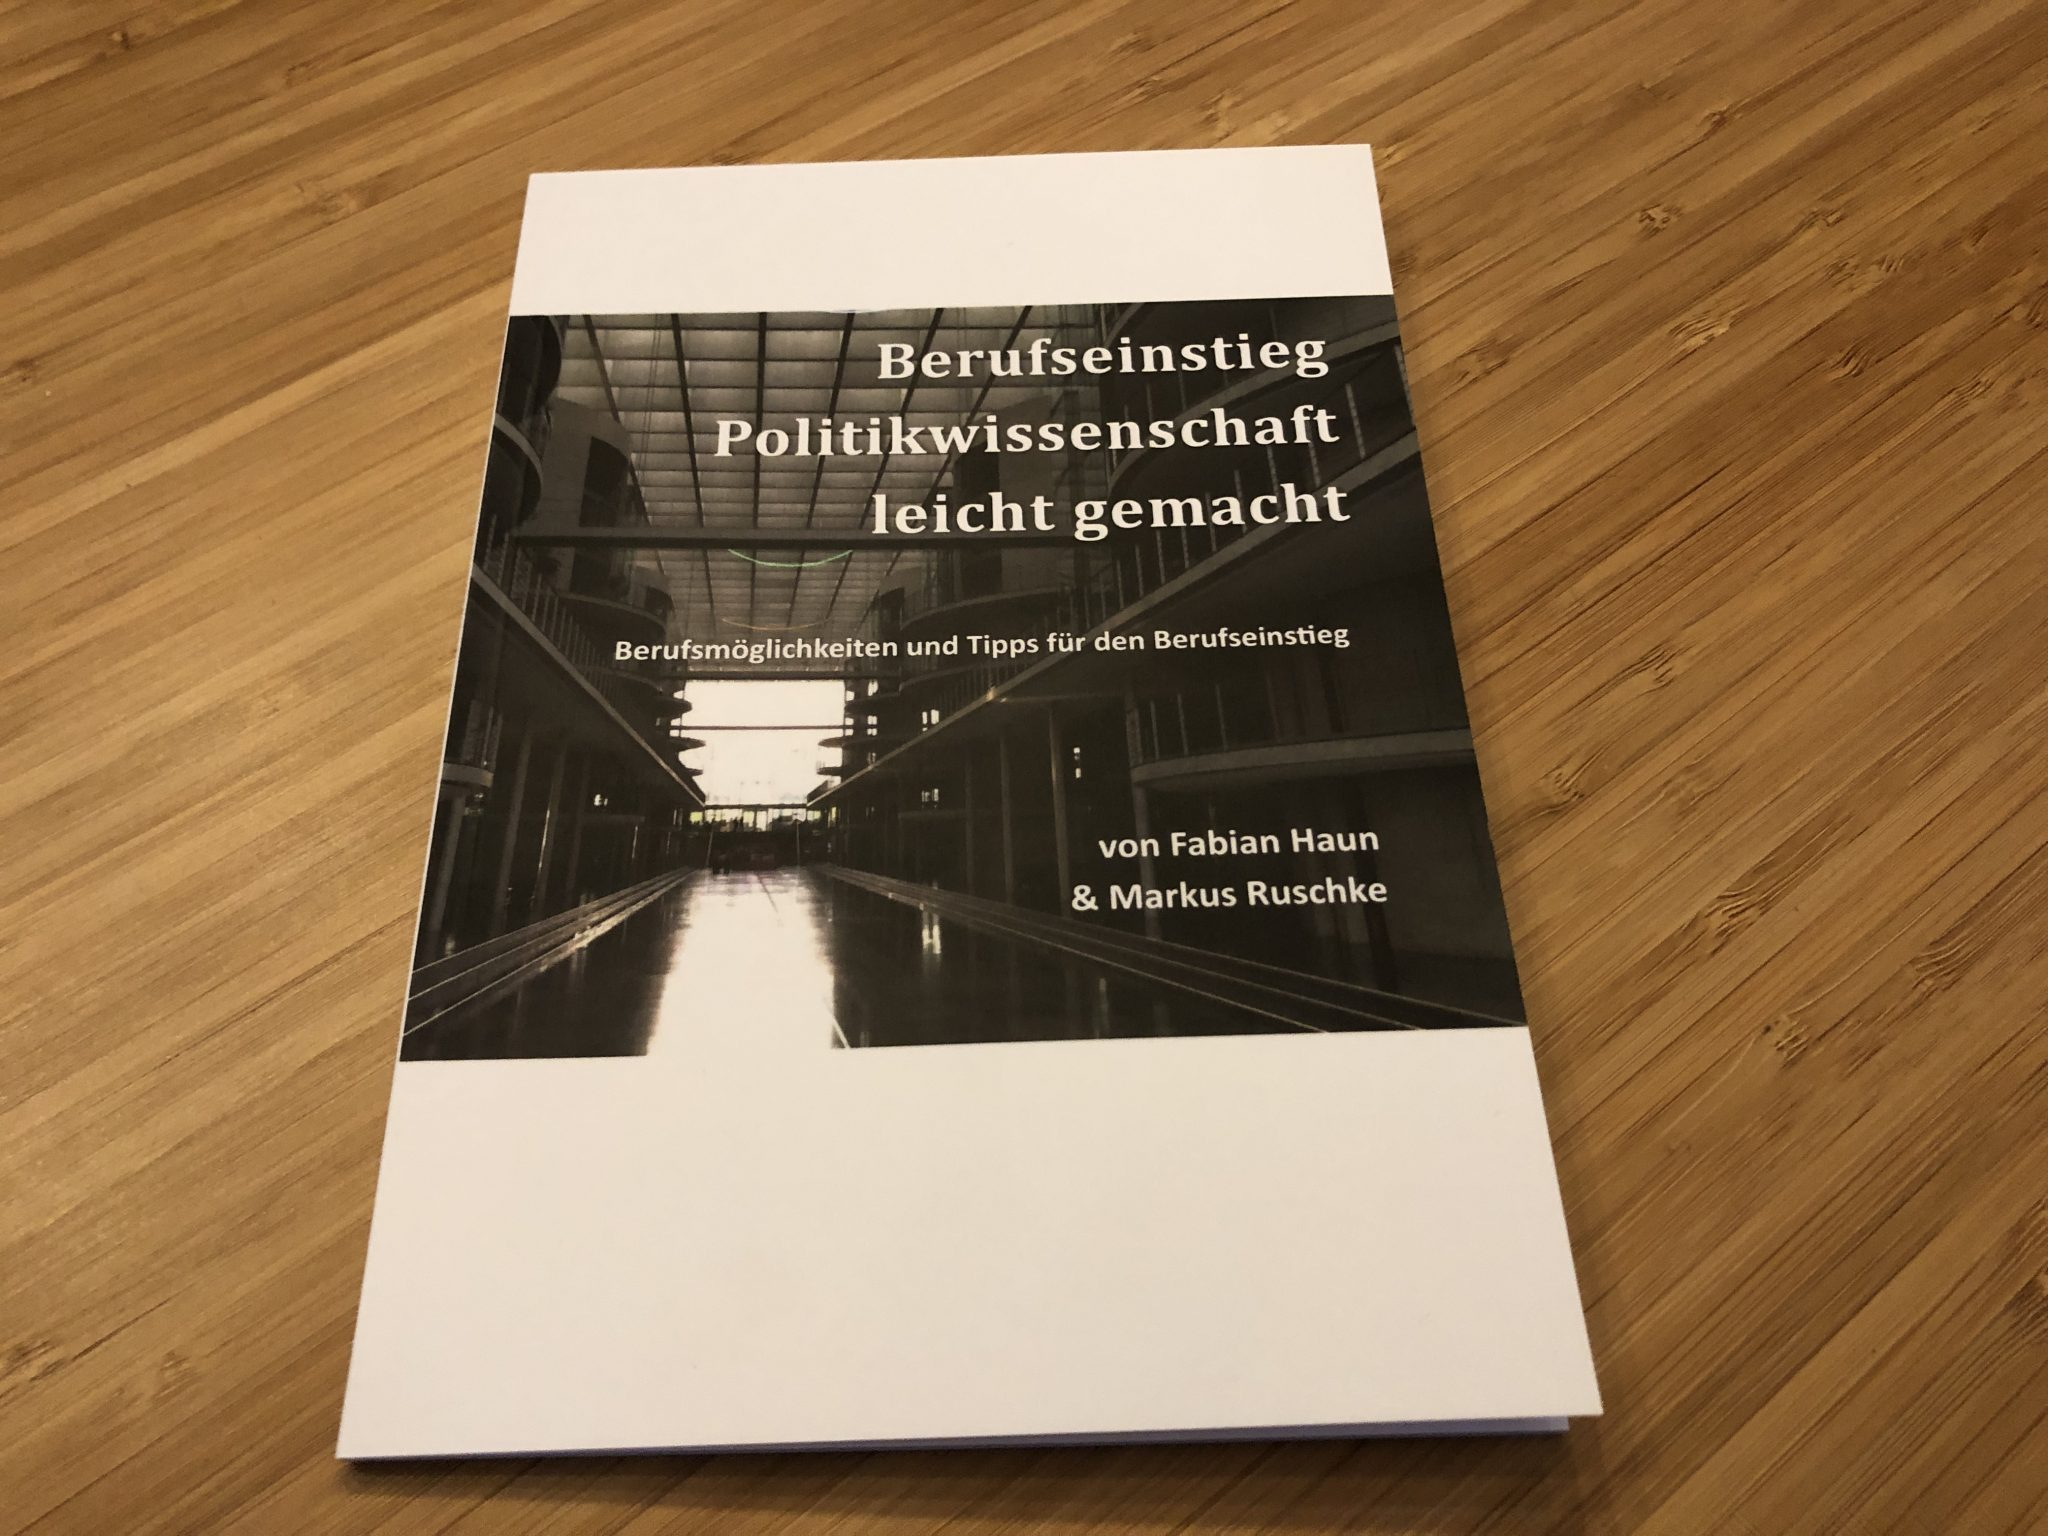 Praxishandbuch Berufseinstieg Politikwissenschaft Fabian Haun